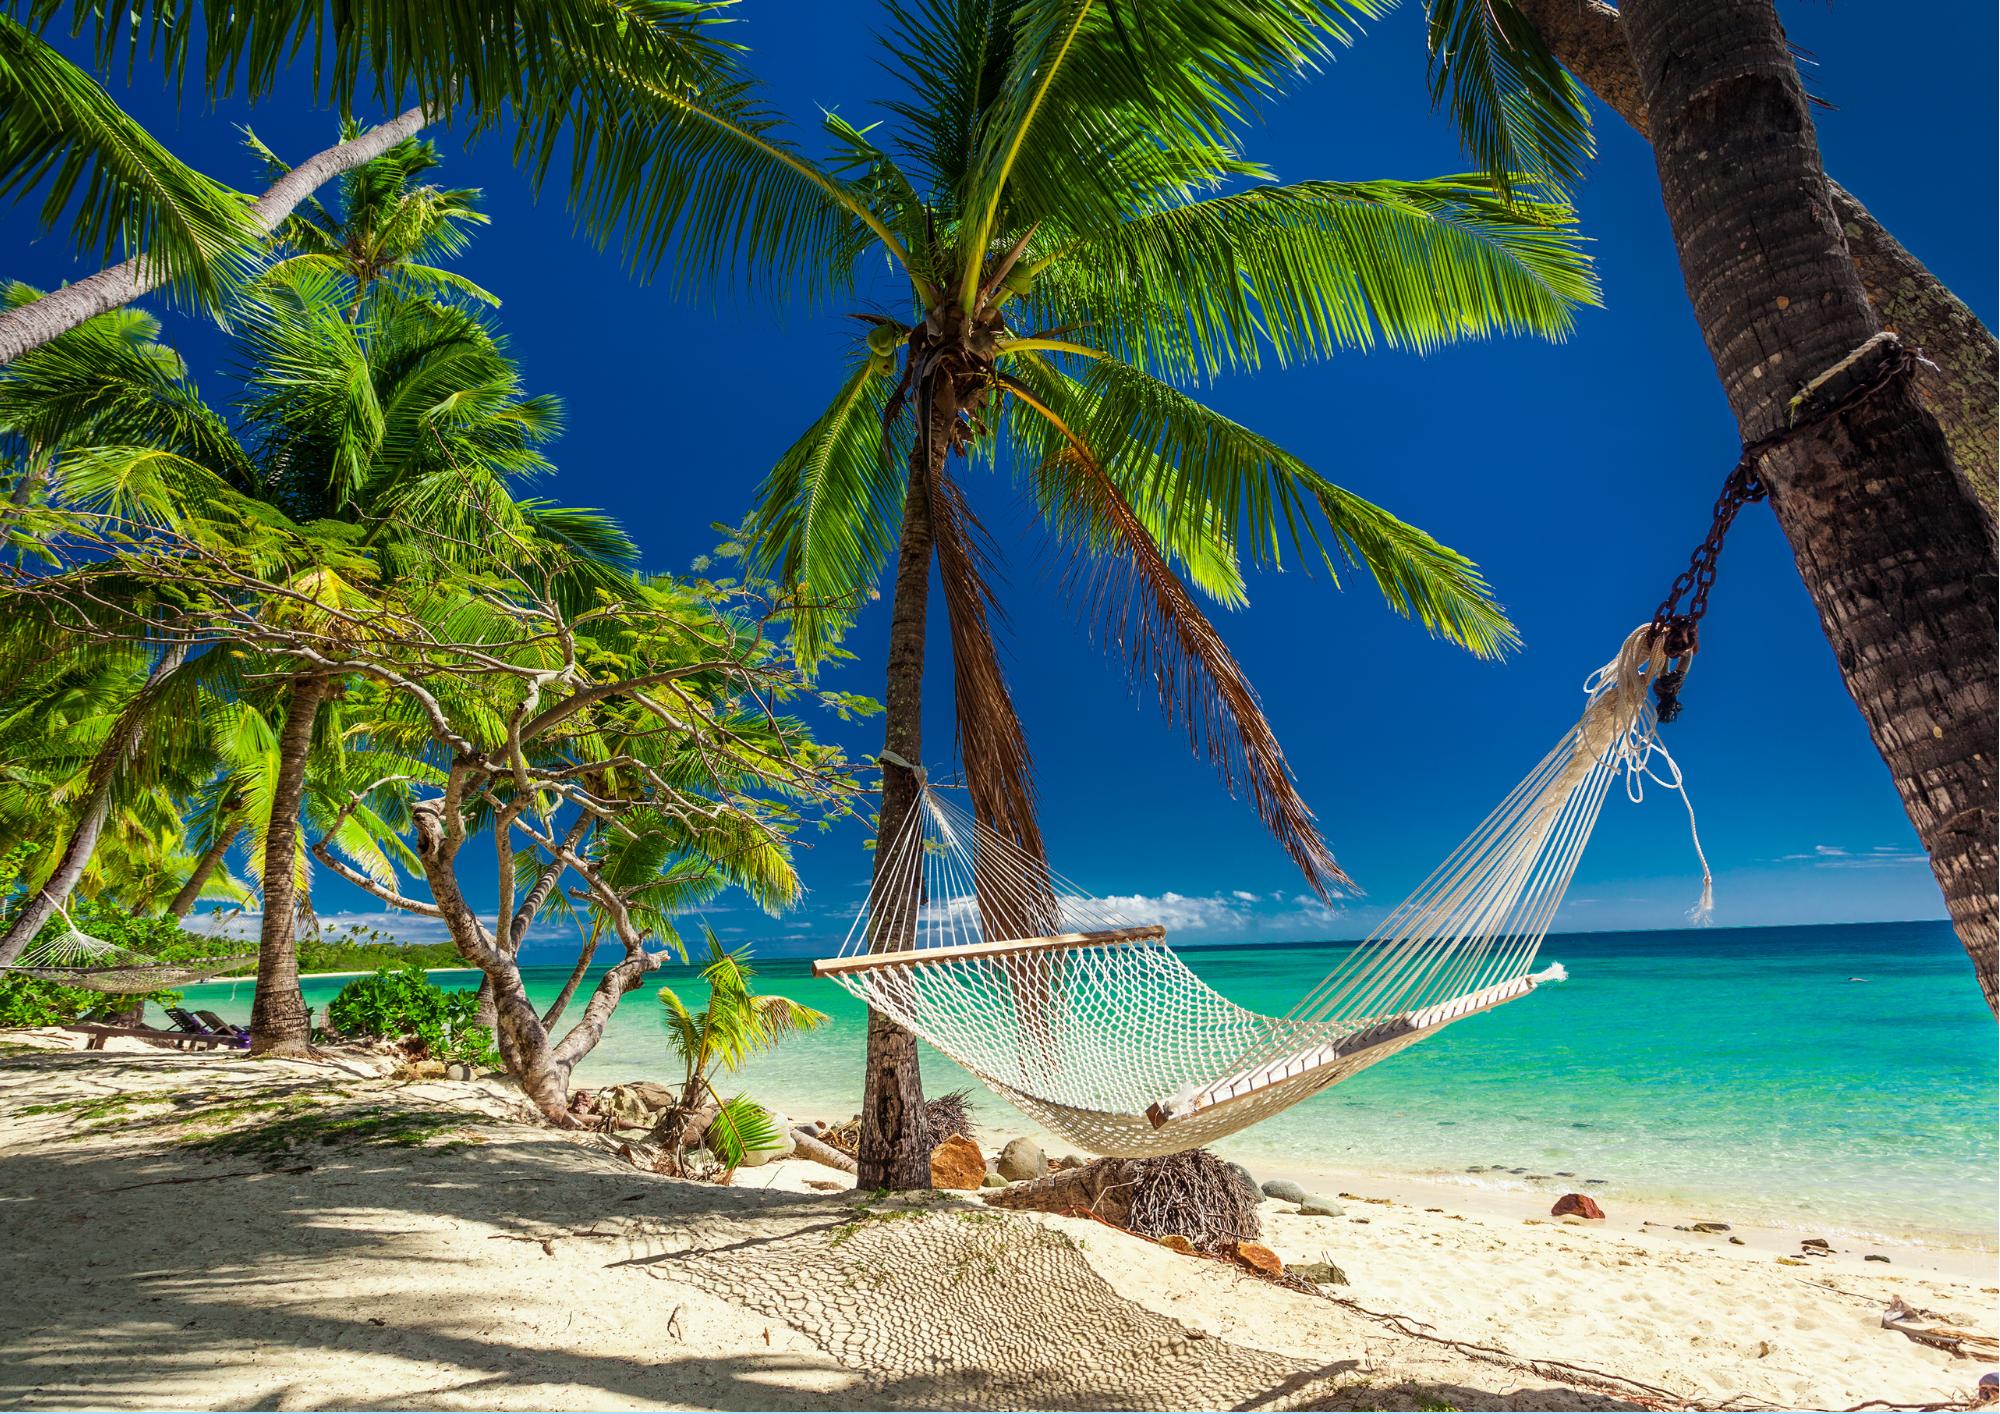 Hængekøje mellem palmer på strand